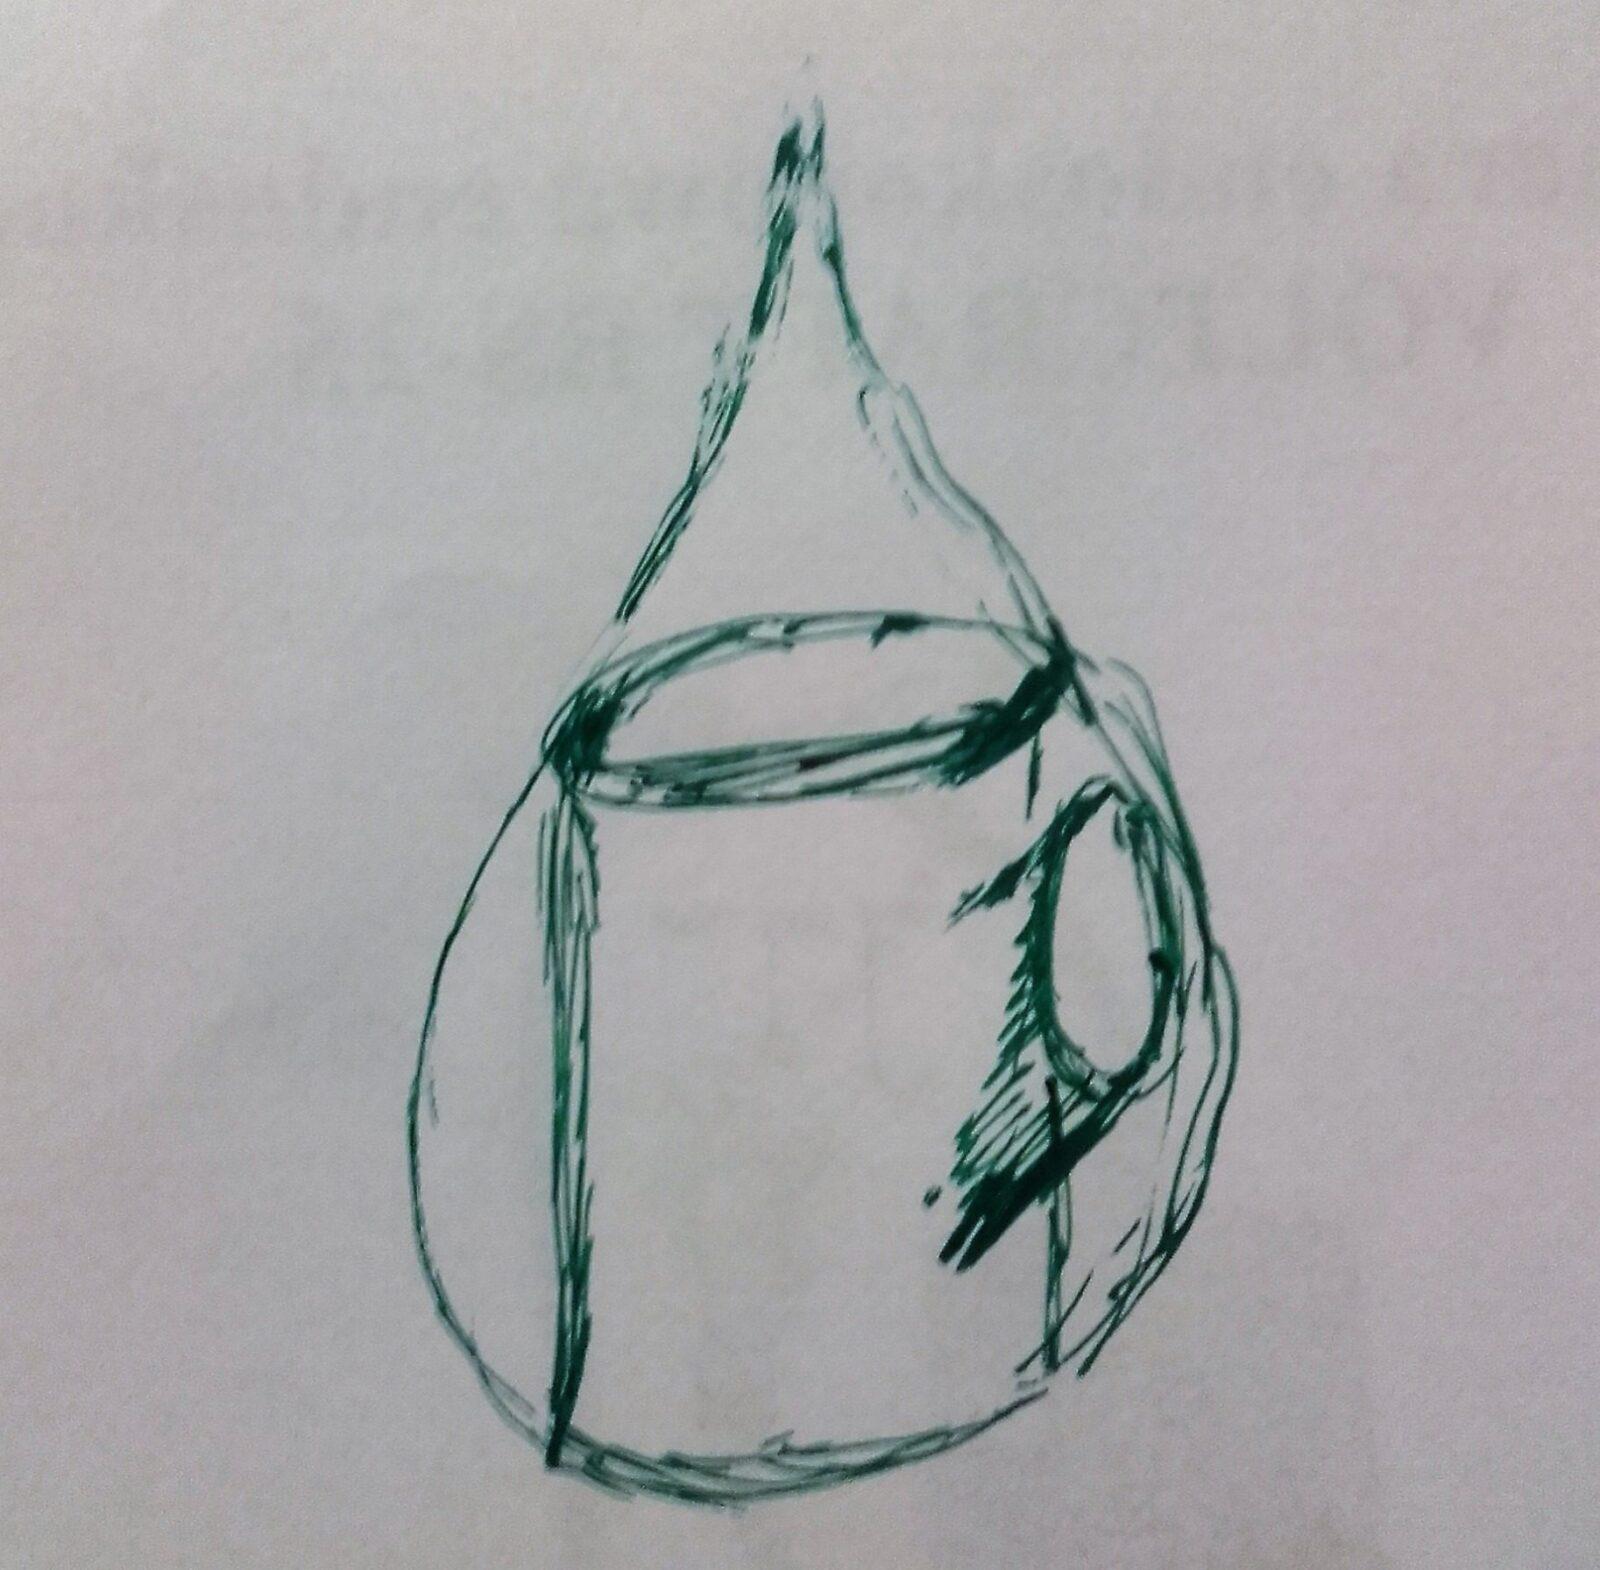 Cennik hudrauliczny woda-kanalizacja